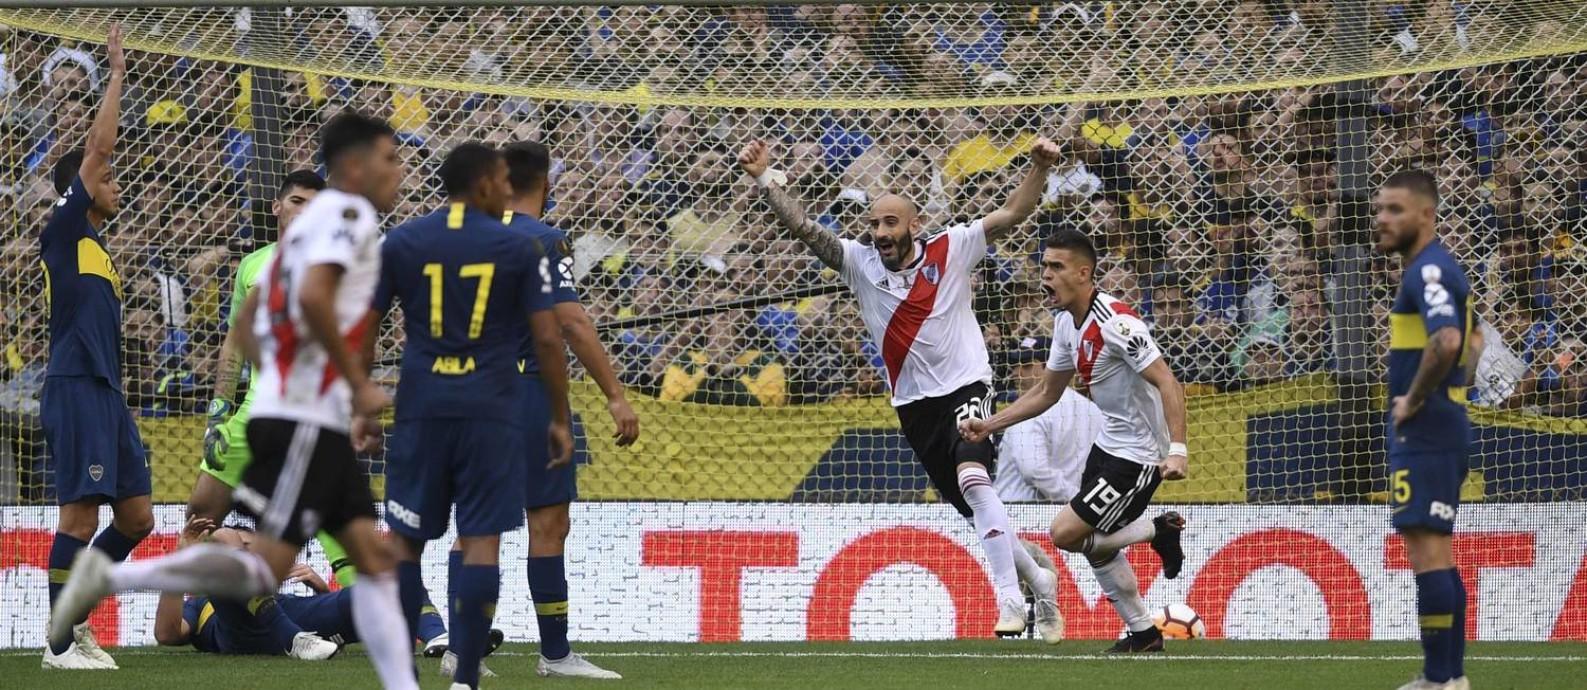 Rafael Santos Borre, à direita, e Pinola comemoram gol no empate do River Plate com o Boca Juniors, na Bombonera Foto: EITAN ABRAMOVICH / AFP